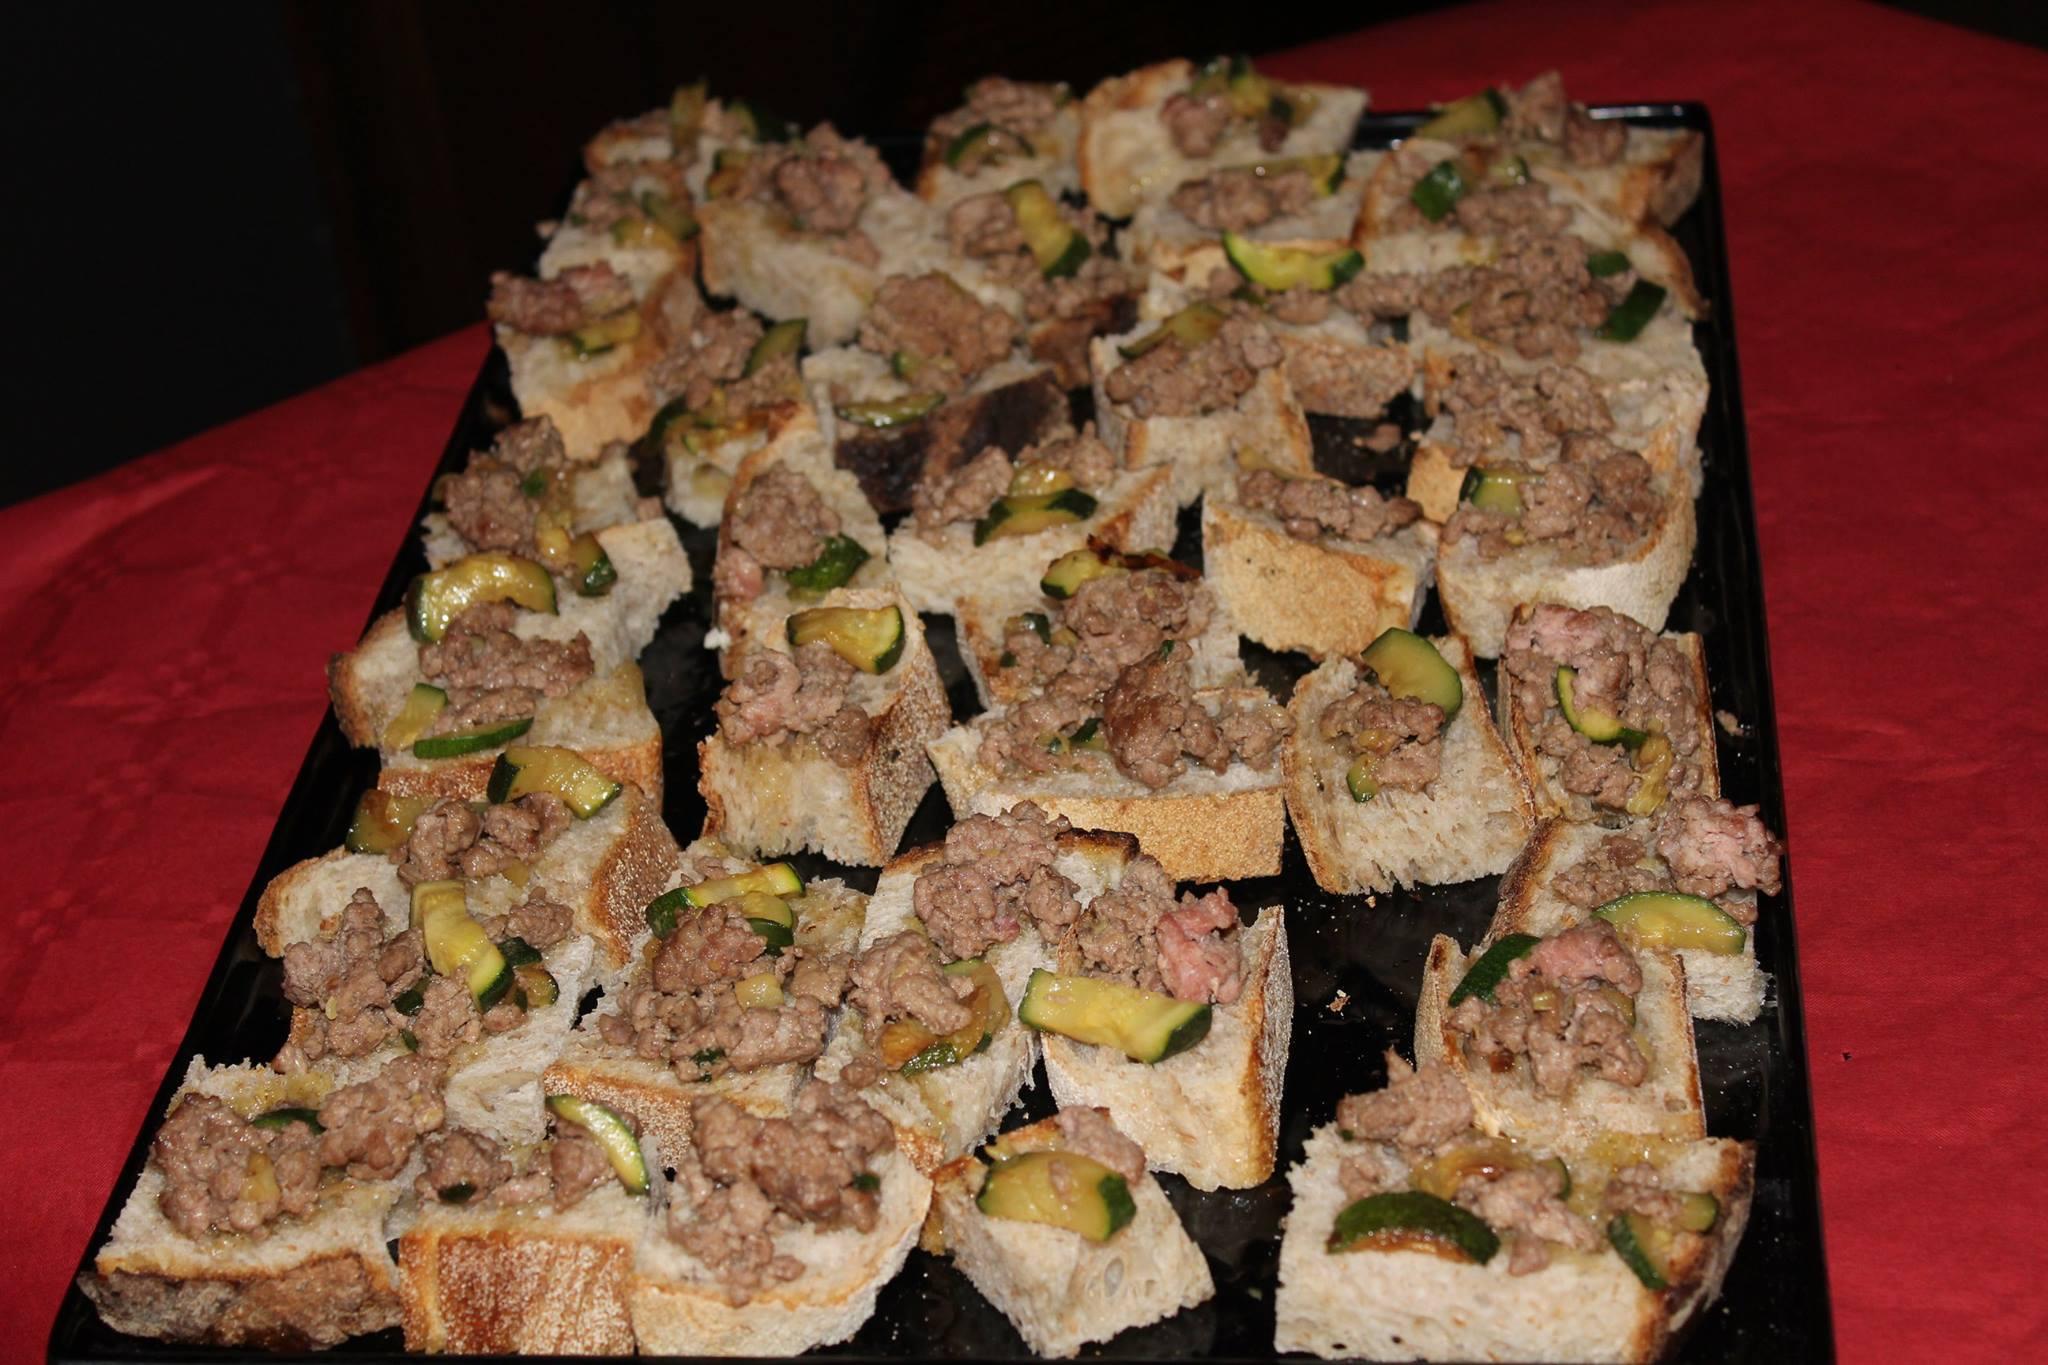 delle fette di pane con carne e zucchine